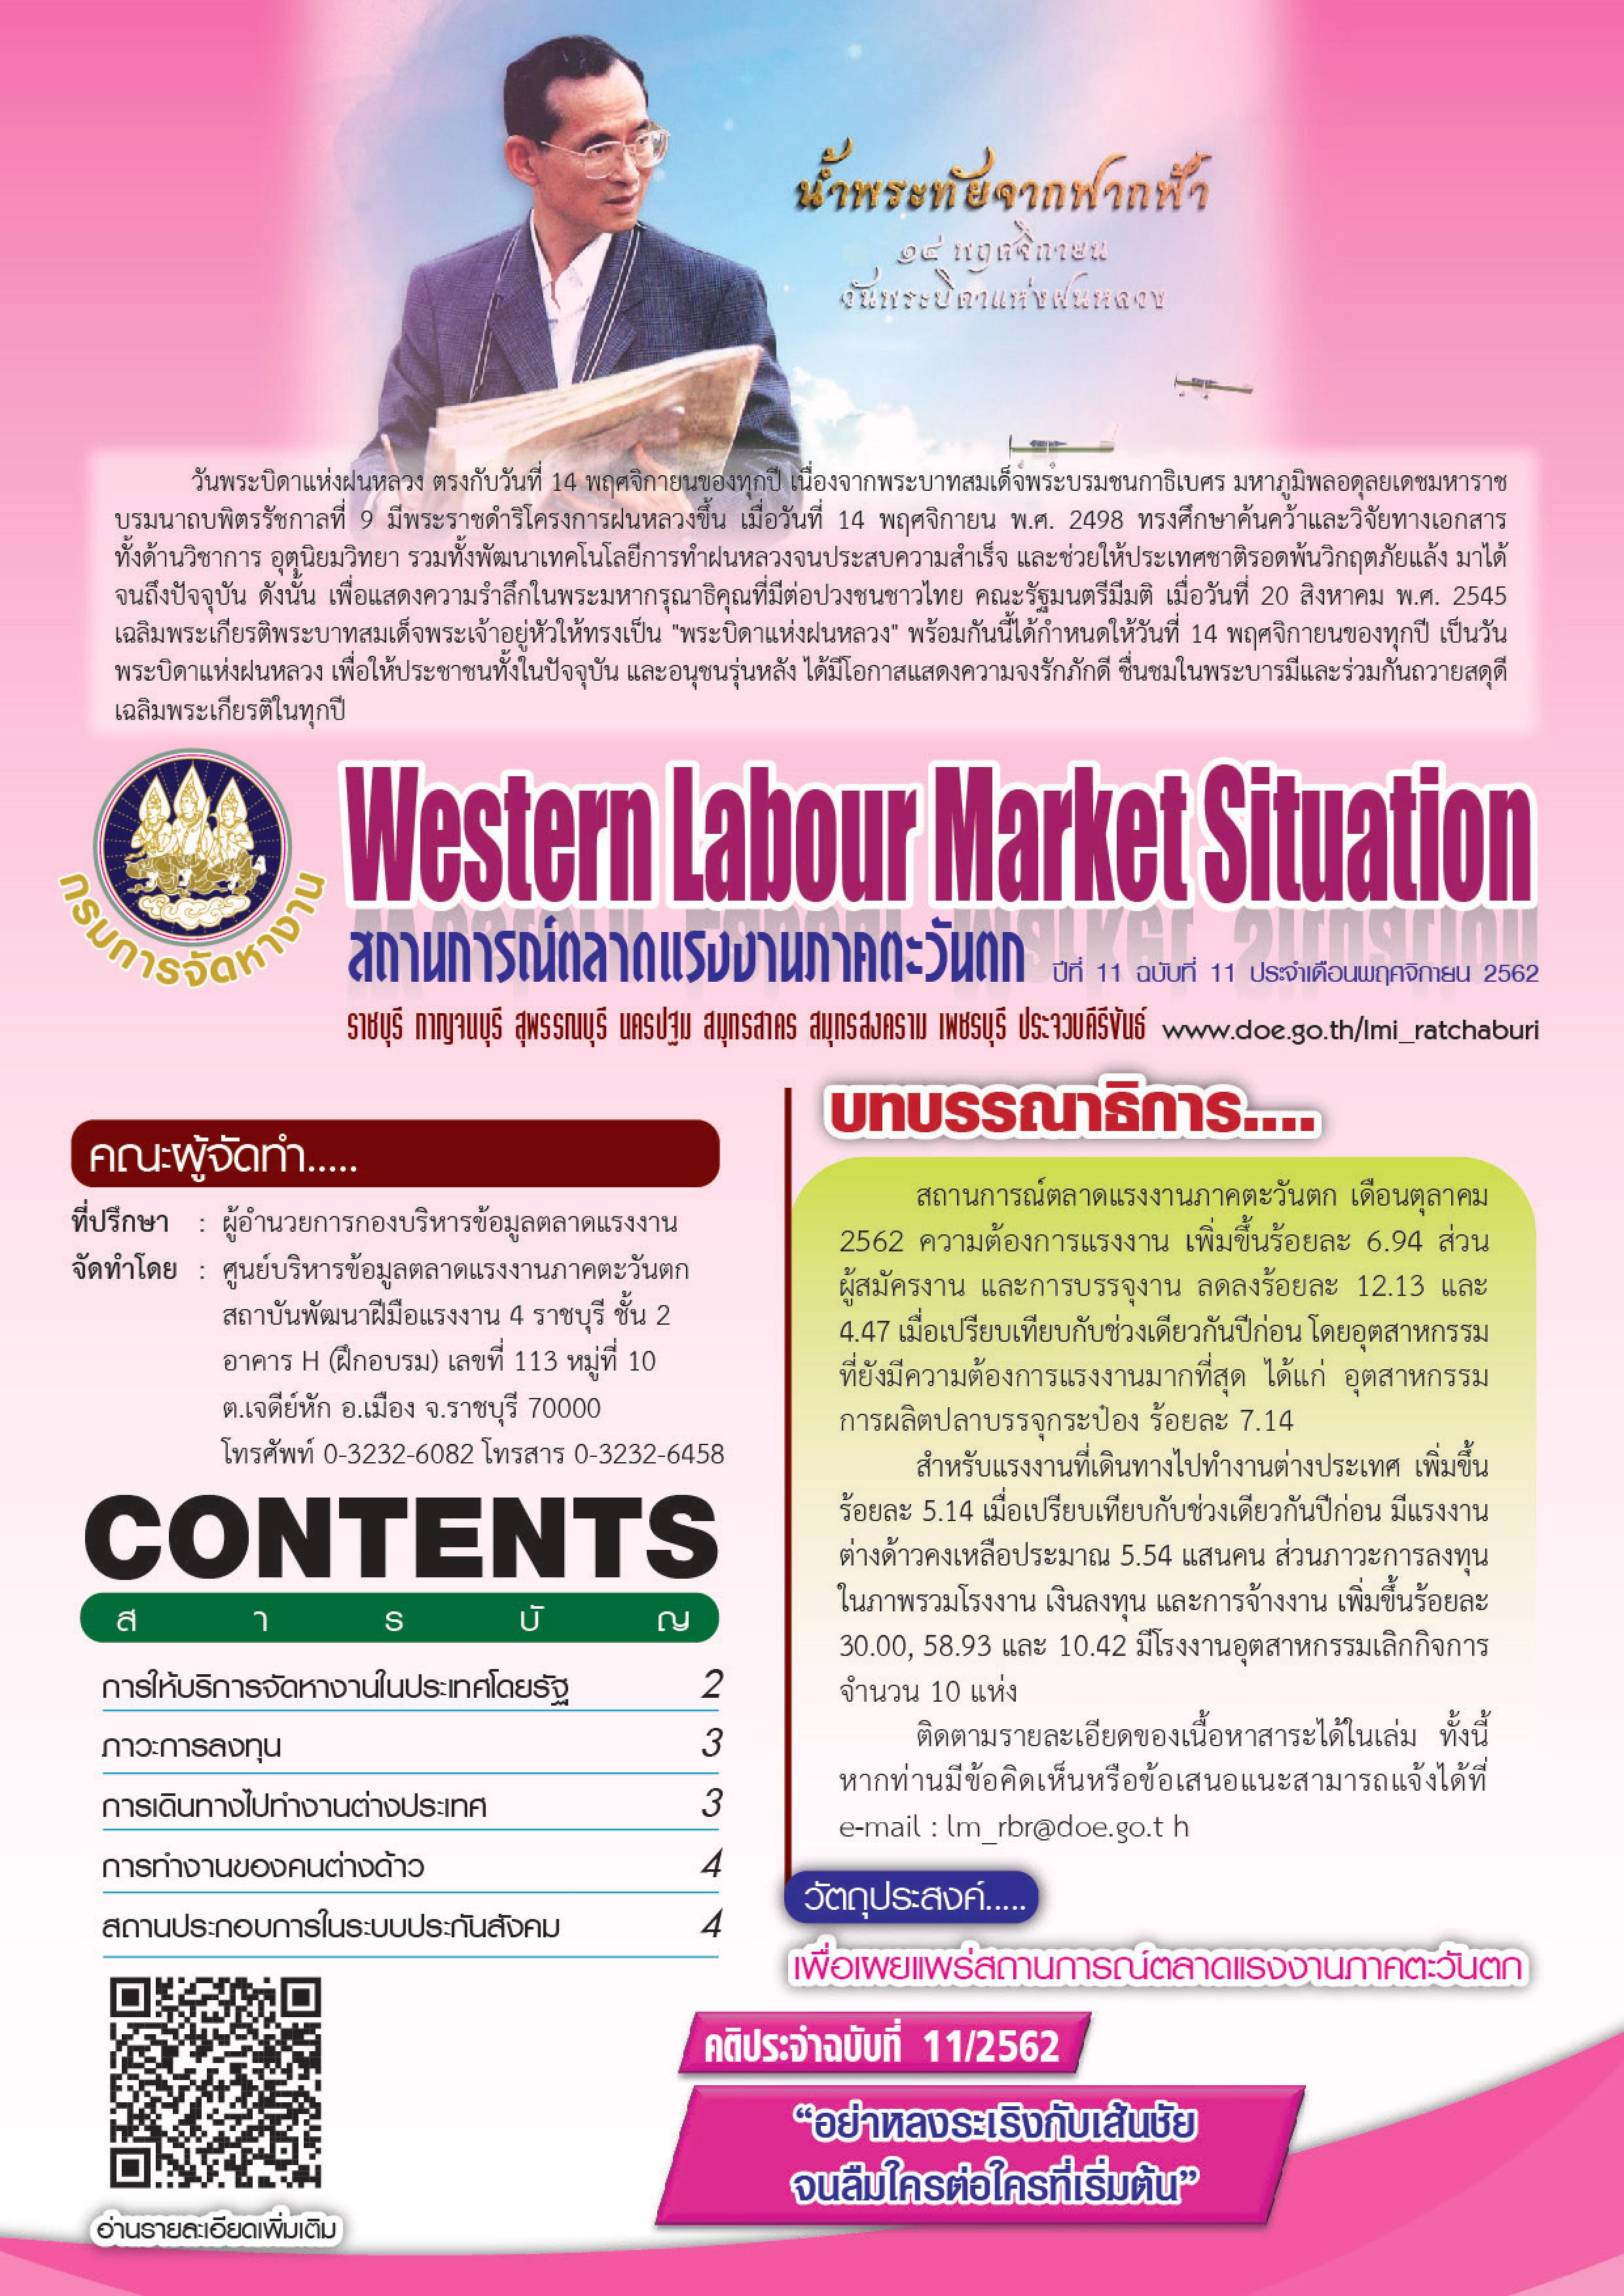 สถานการณ์ตลาดแรงงานภาคตะวันตก ปีที่ 11 ประจำเดือนพฤศจิกายน 2562